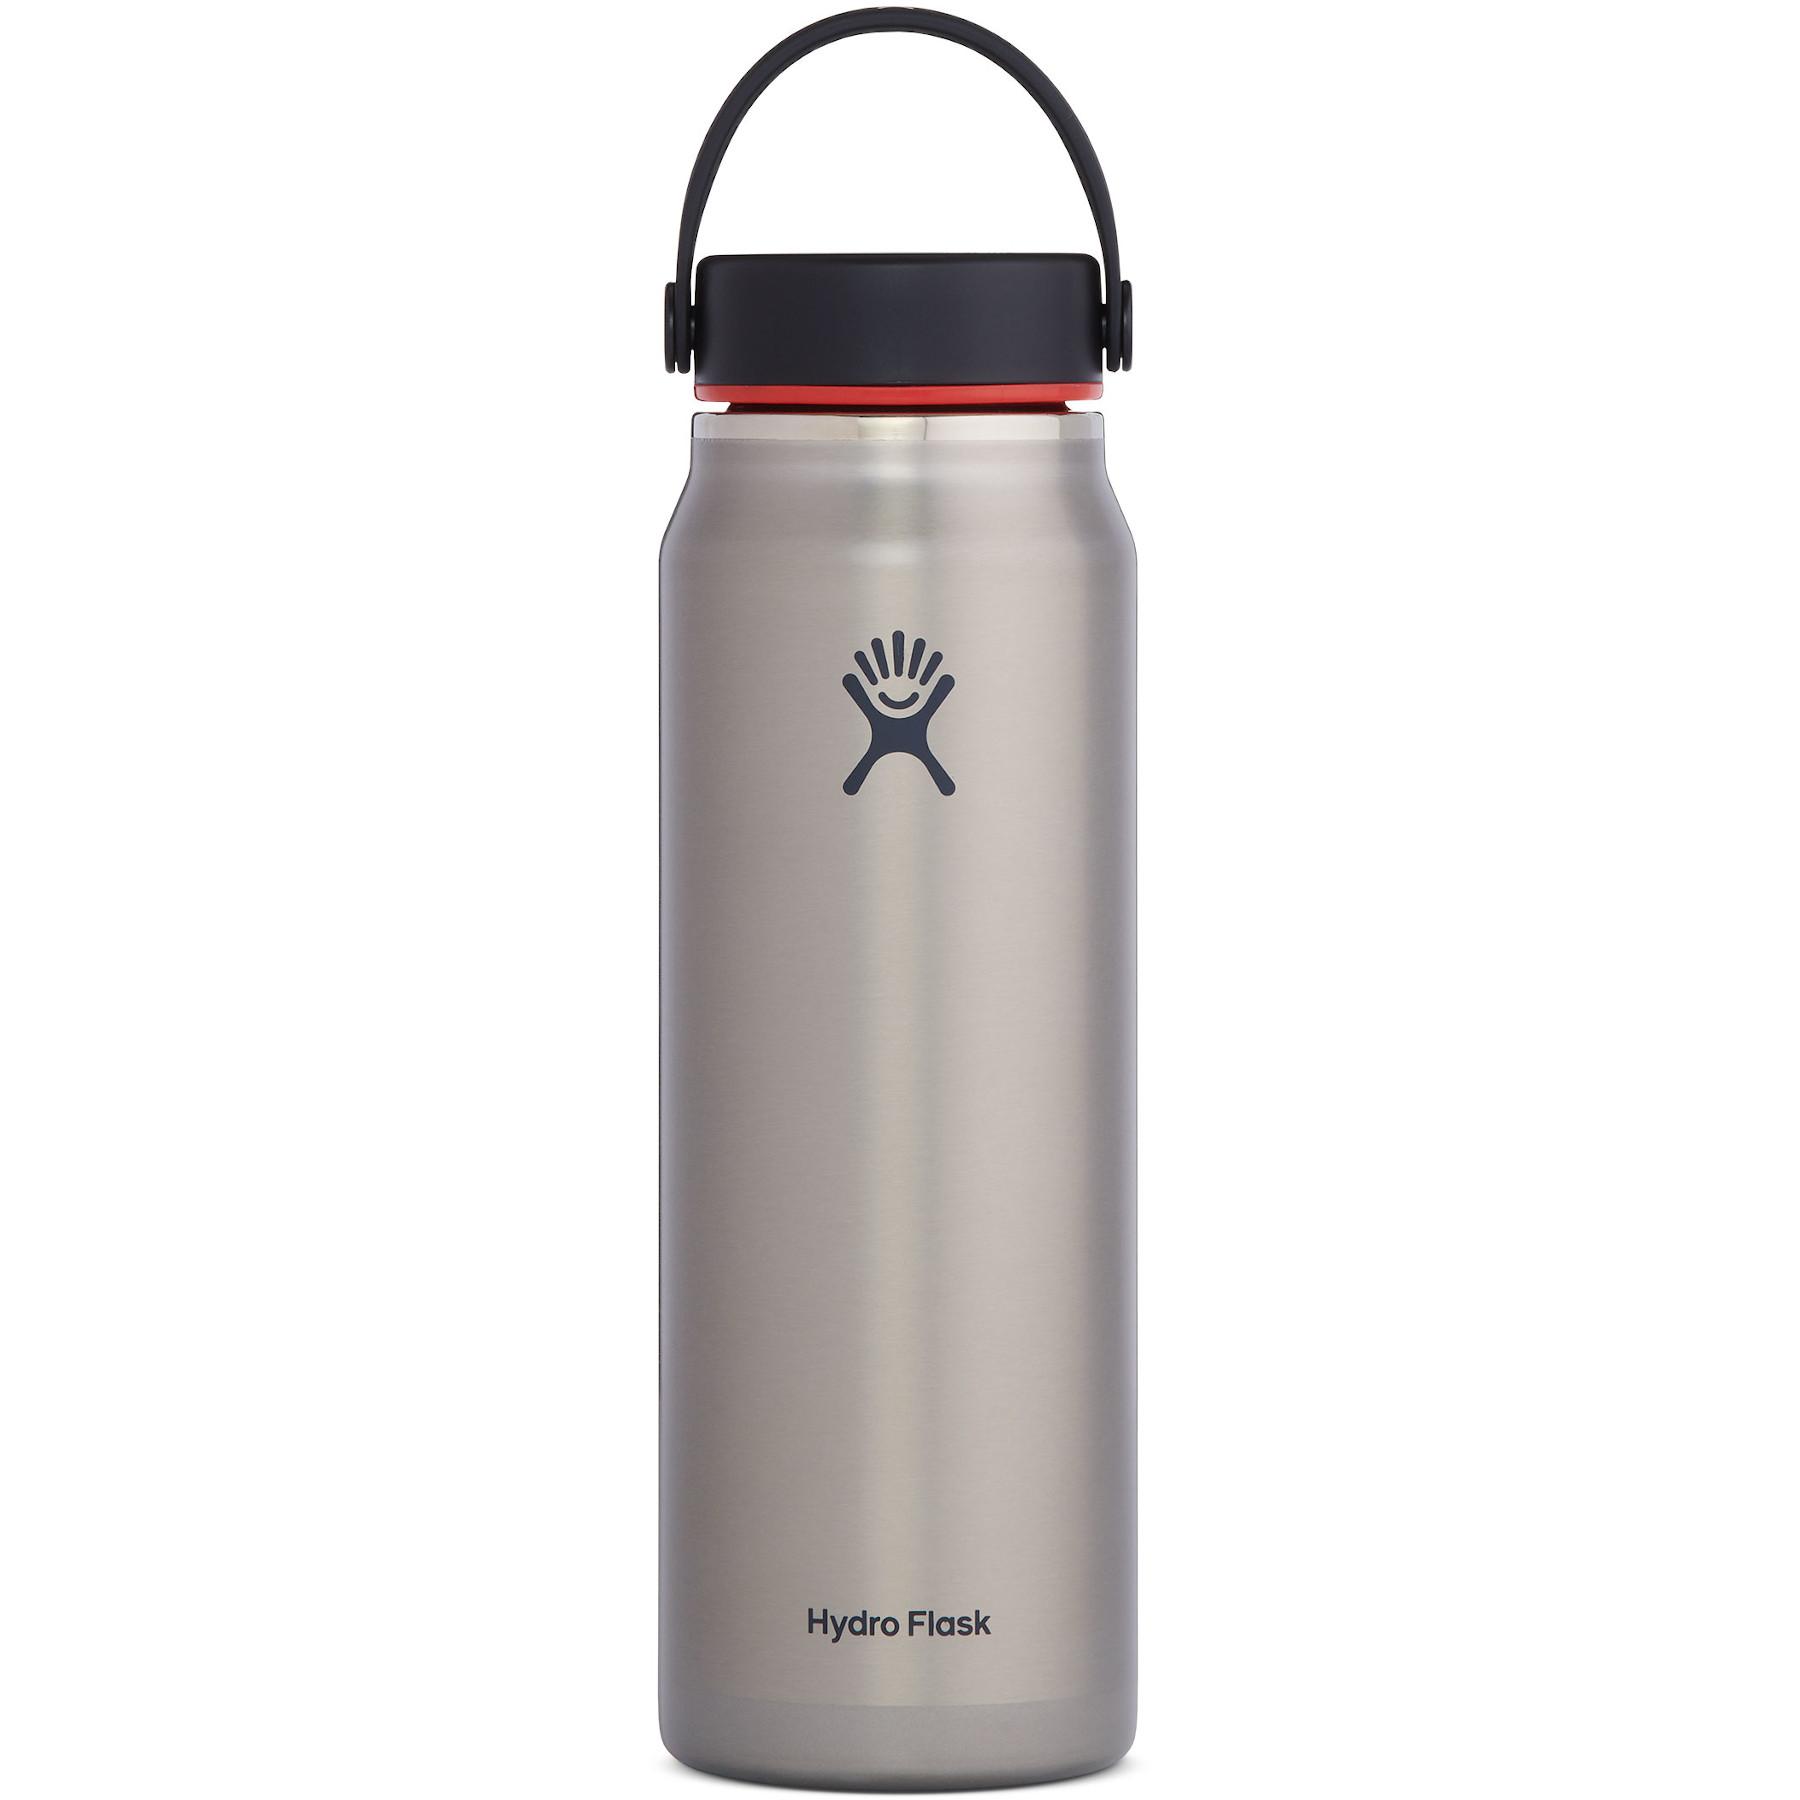 Produktbild von Hydro Flask 32 oz Lightweight Wide Mouth Trail Series Thermoflasche 946 ml - Slate